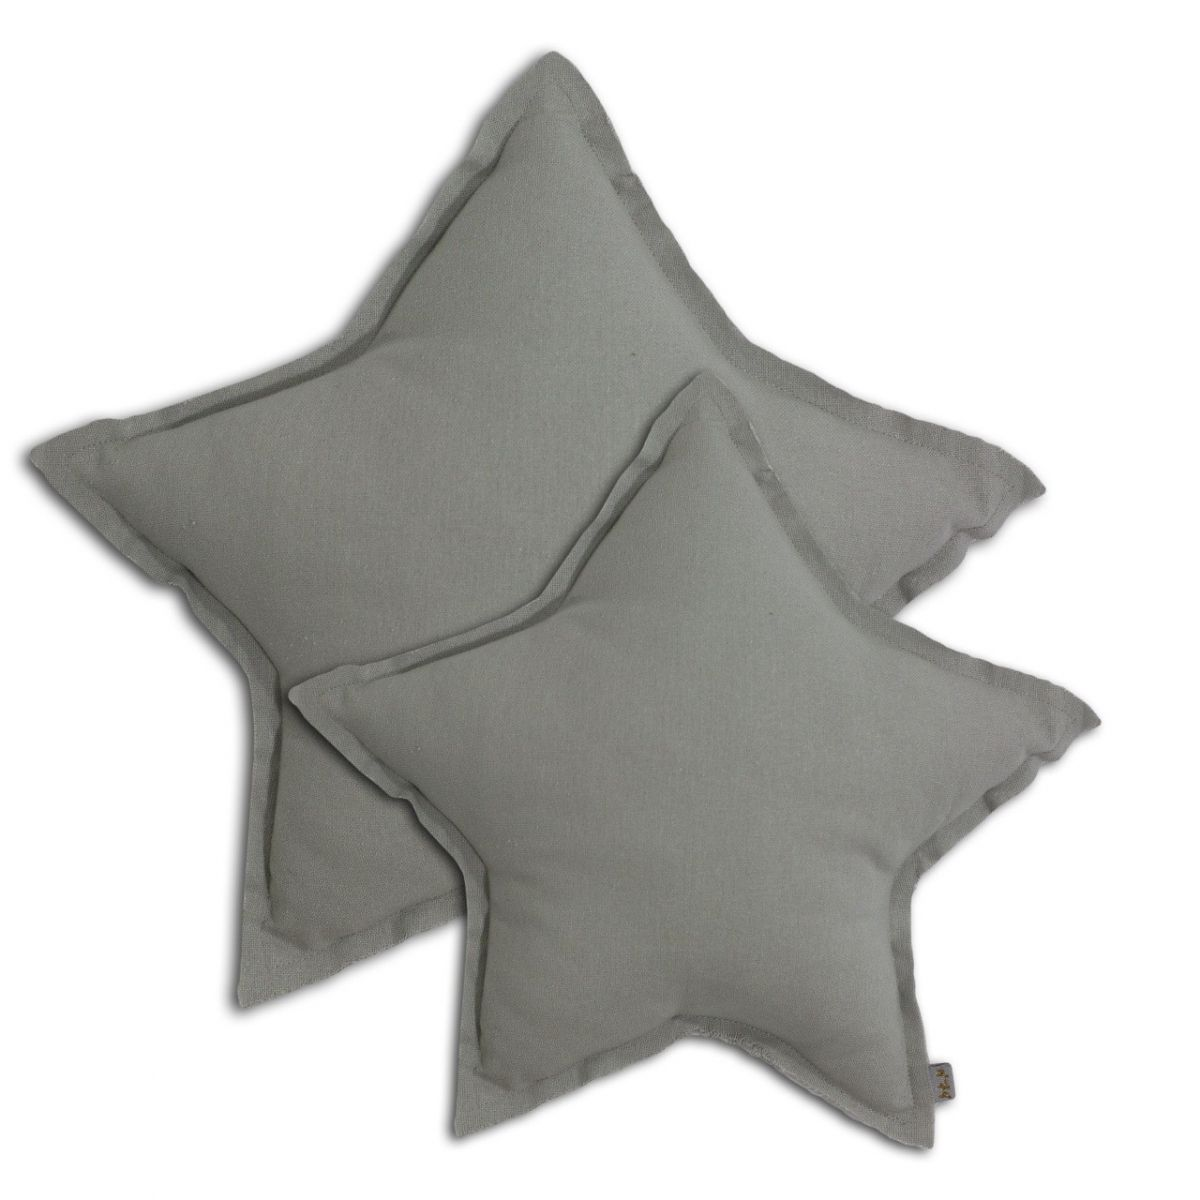 Star cushion silver grey - Numero 74